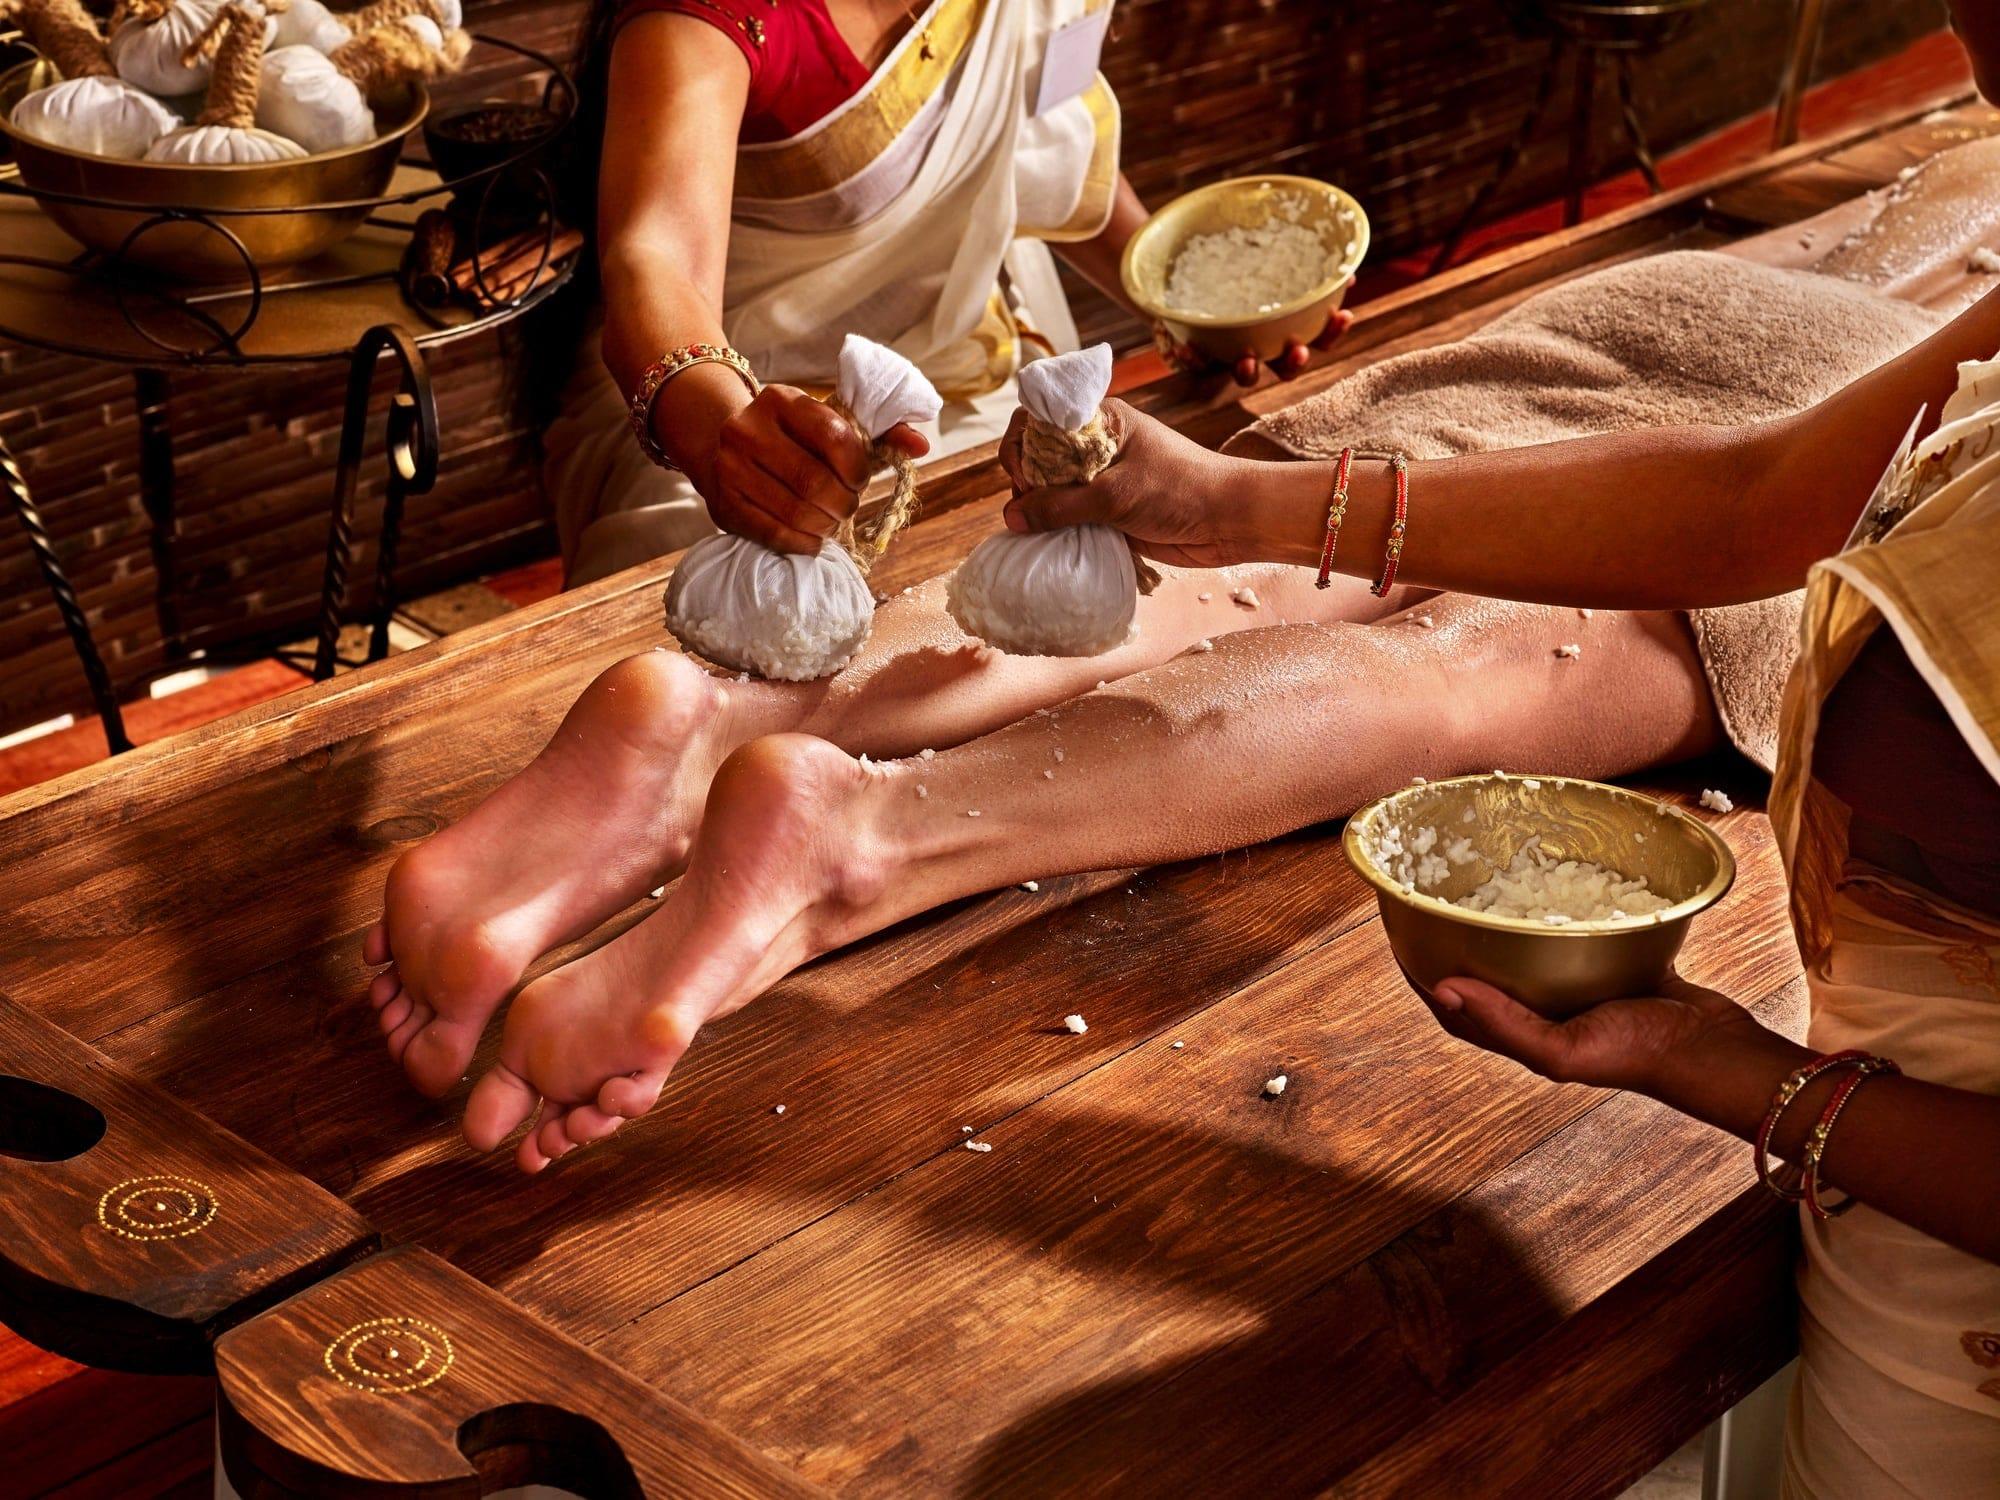 Сеанс аюрведического массажа в салоне красоты